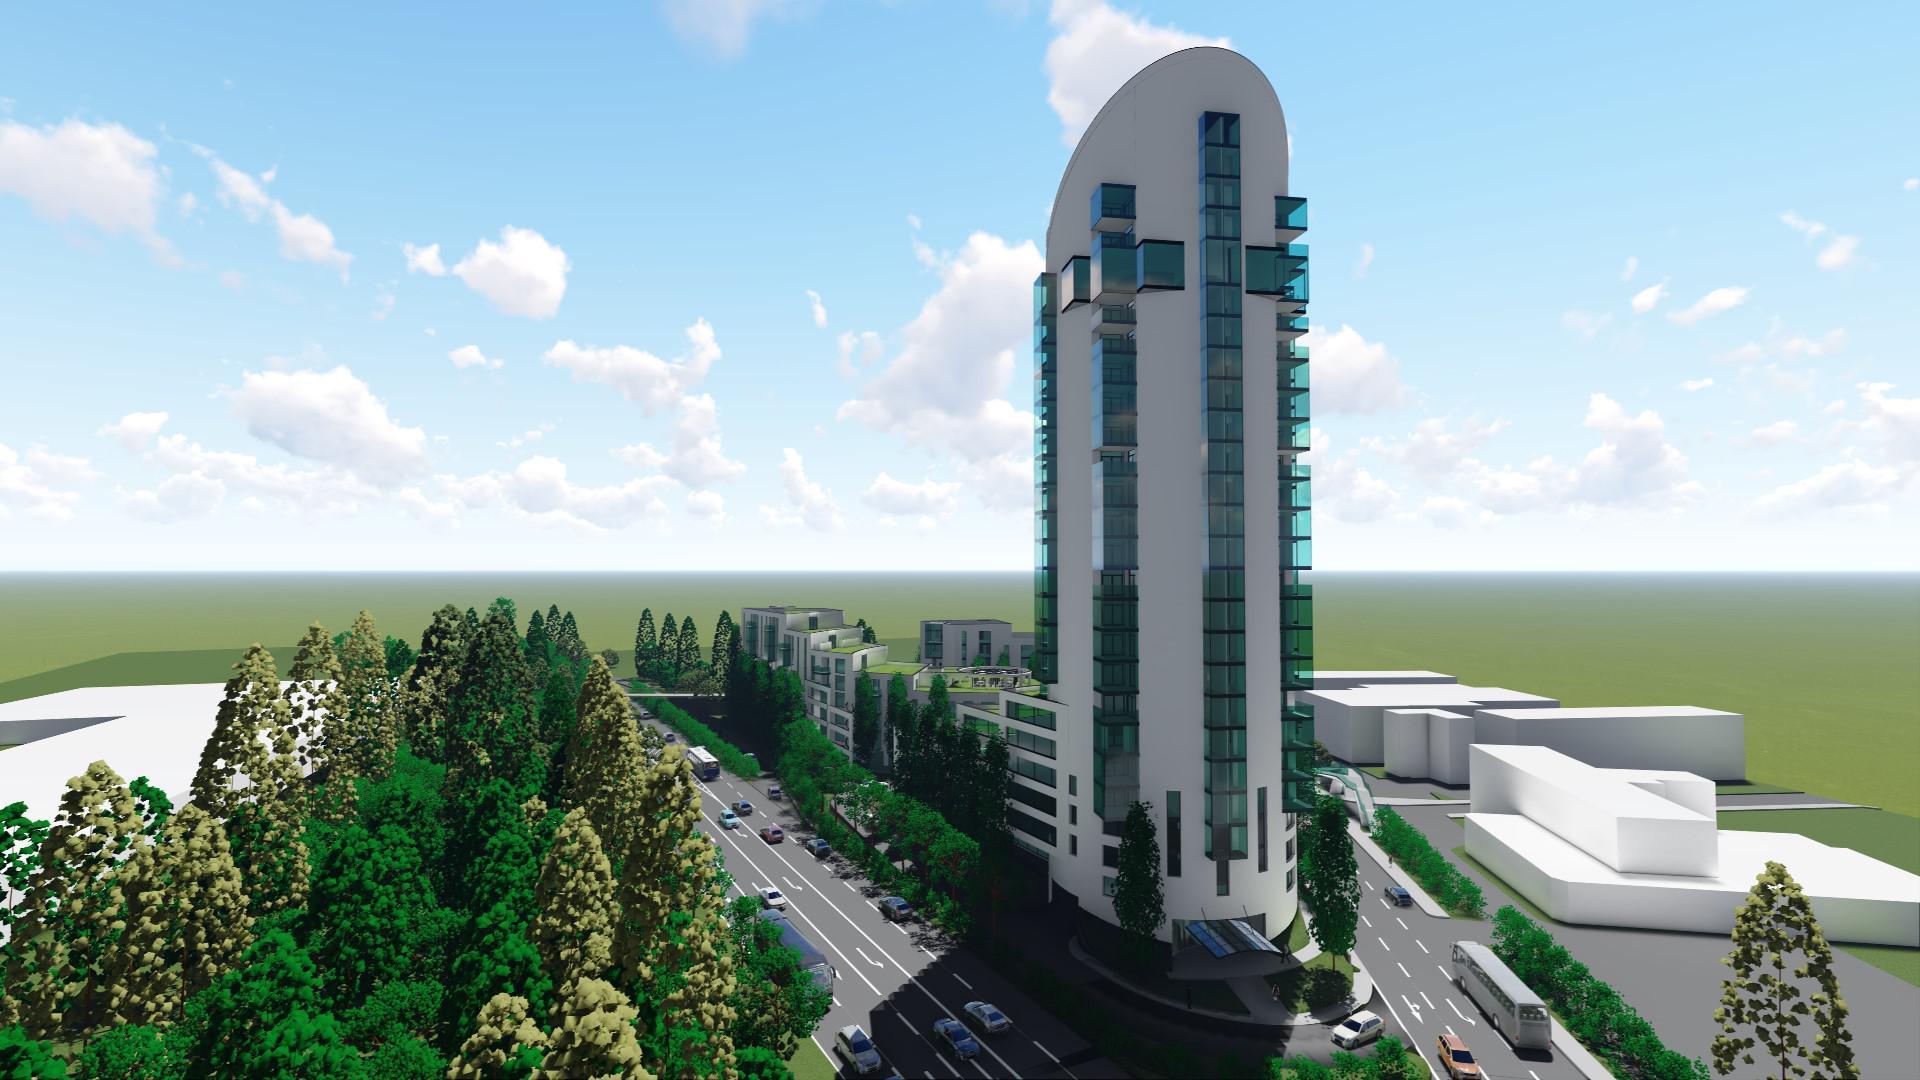 Gebäudekomplex mit Turm